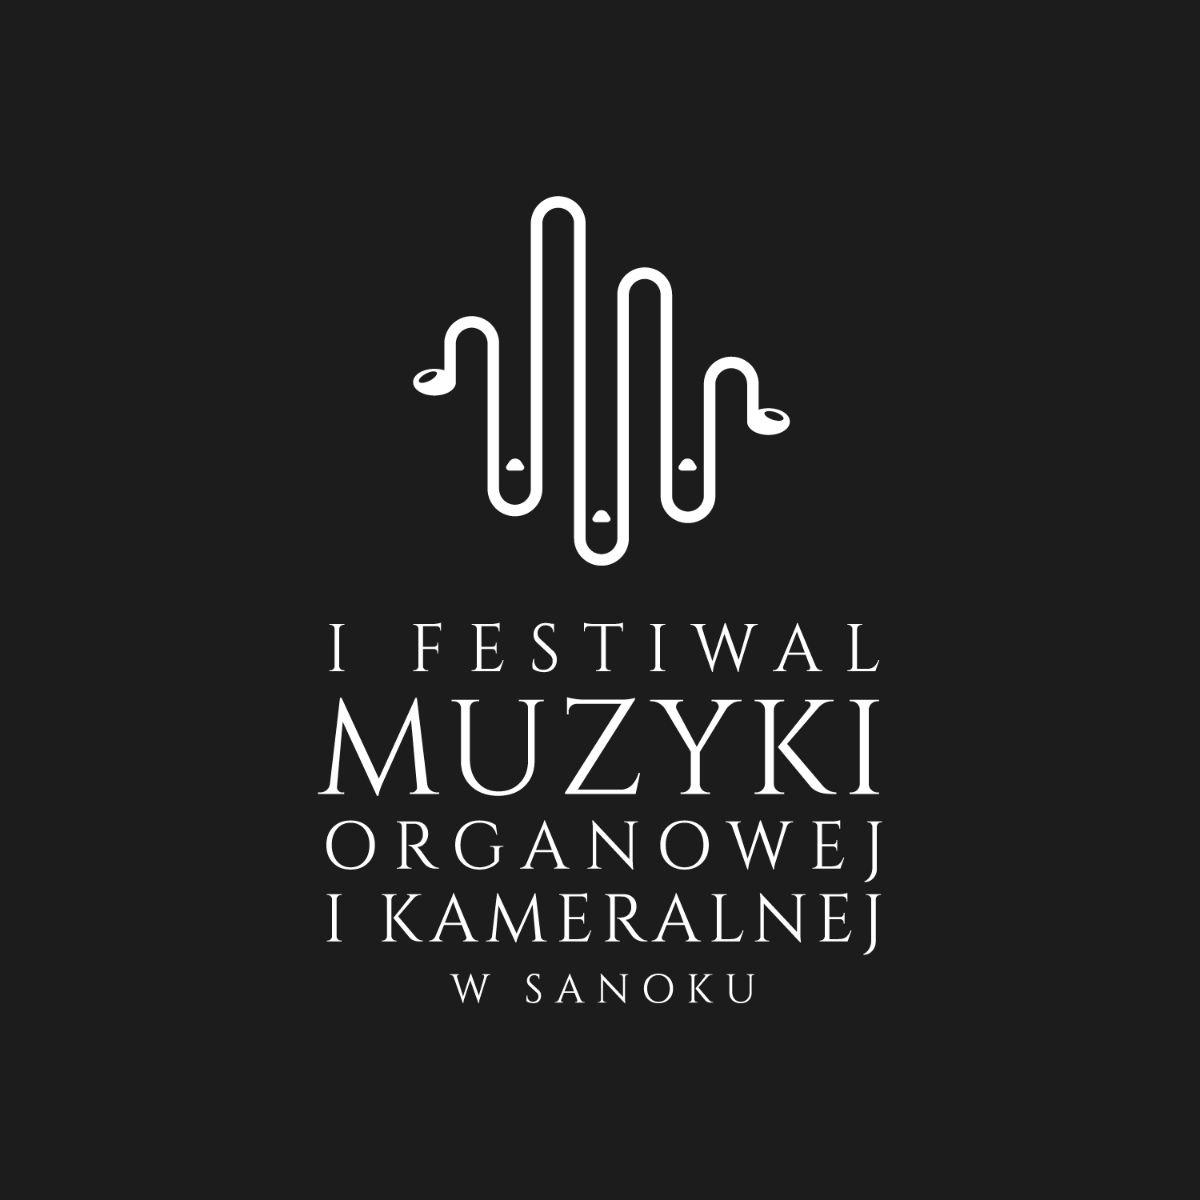 I DNI MUZYKI ORGANOWEJ SANOK 2020. Festiwal Muzyki Organowej i Kameralnej [PROGRAM] - Zdjęcie główne